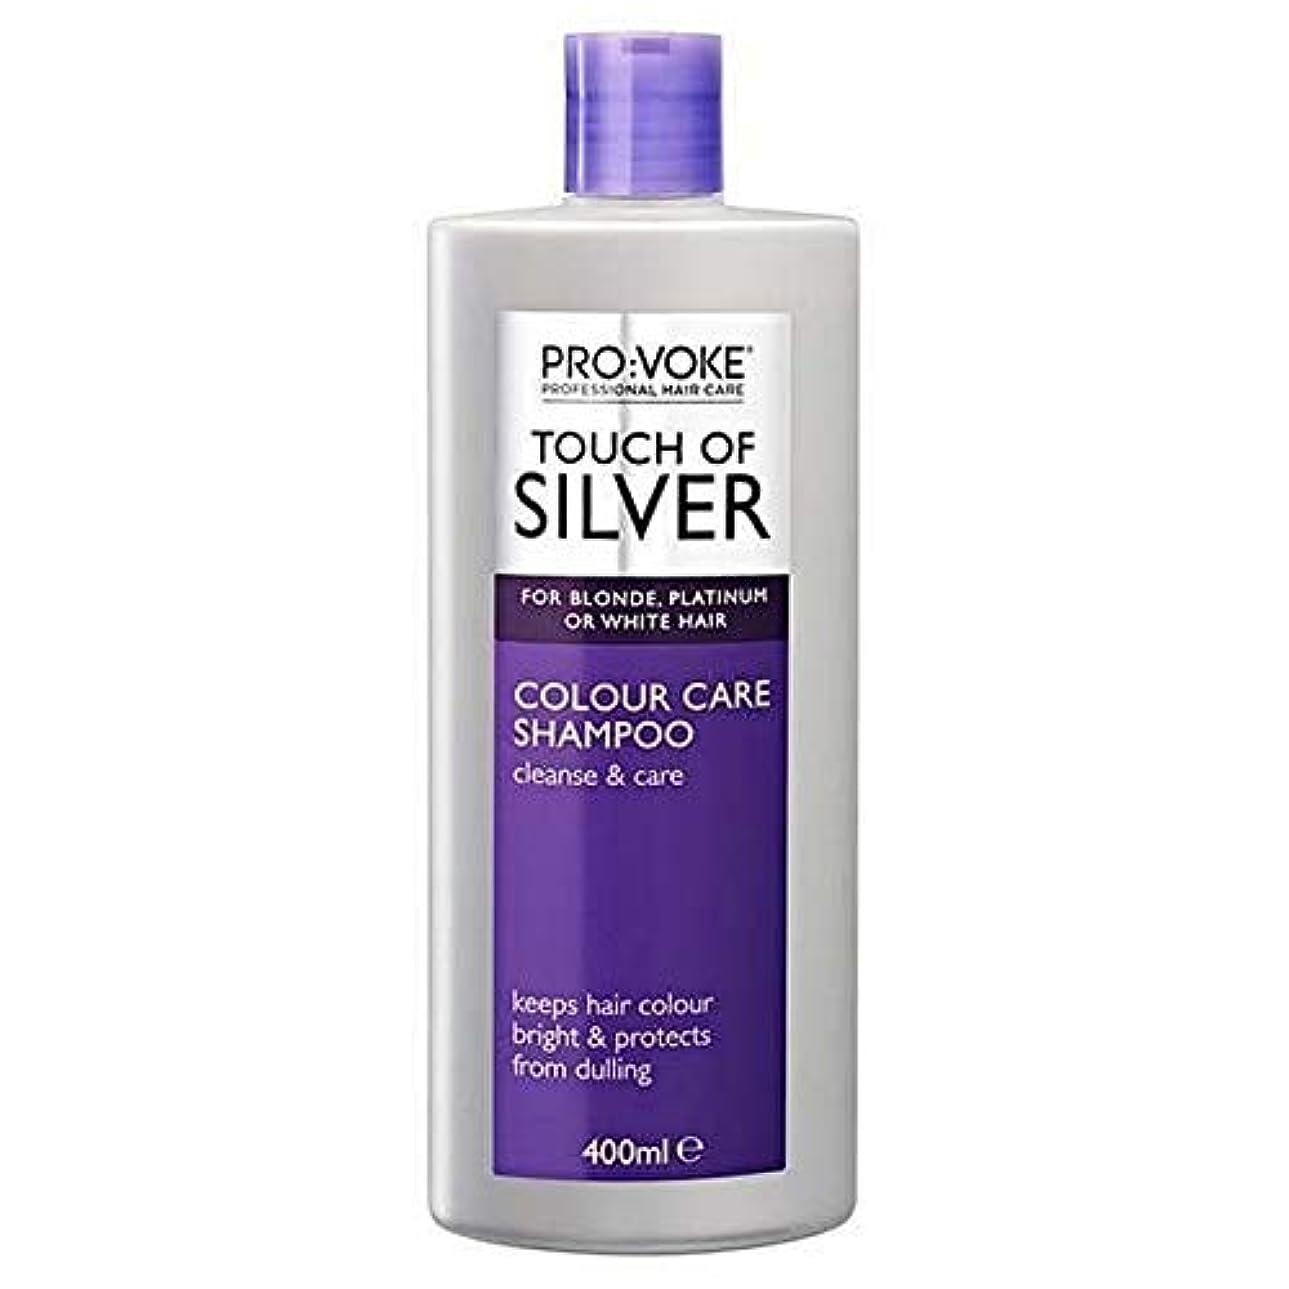 中止します限りなく量[Pro:Voke] プロ:シルバーカラーケア紫色のシャンプー400ミリリットルのVokeタッチ - PRO:VOKE Touch of Silver Colour Care Purple Shampoo 400ml [並行輸入品]